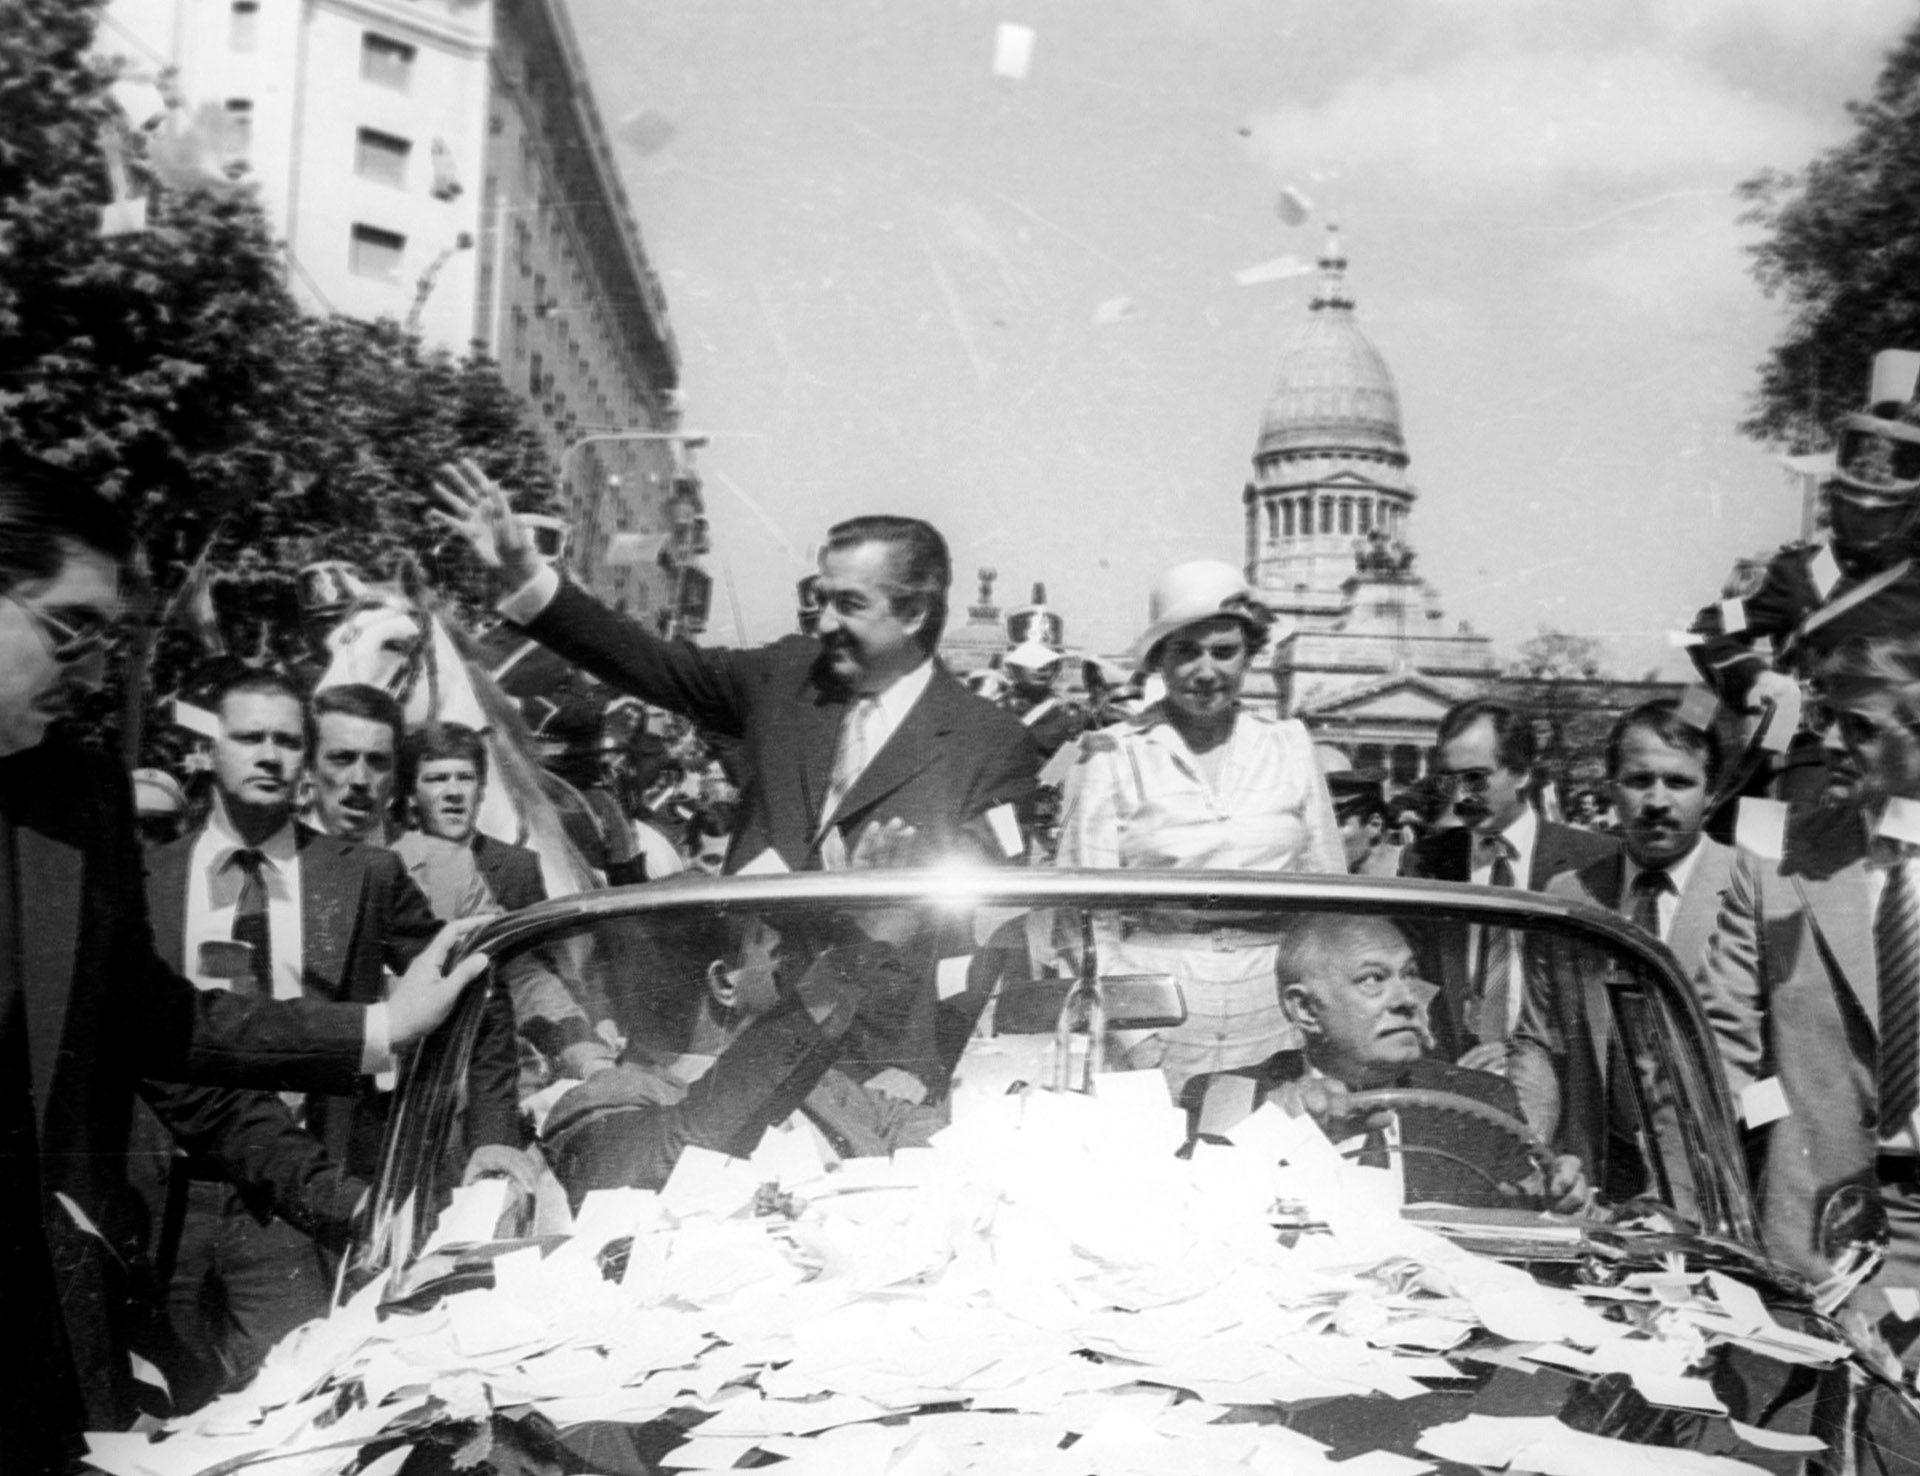 1983. Asunción Presidencial de Raúl Alfonsín